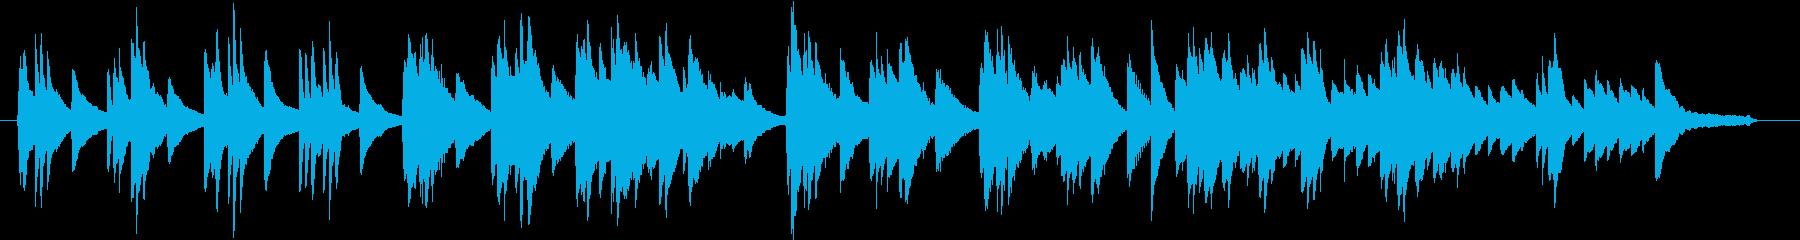 結婚式BGM_プレゼント01の再生済みの波形